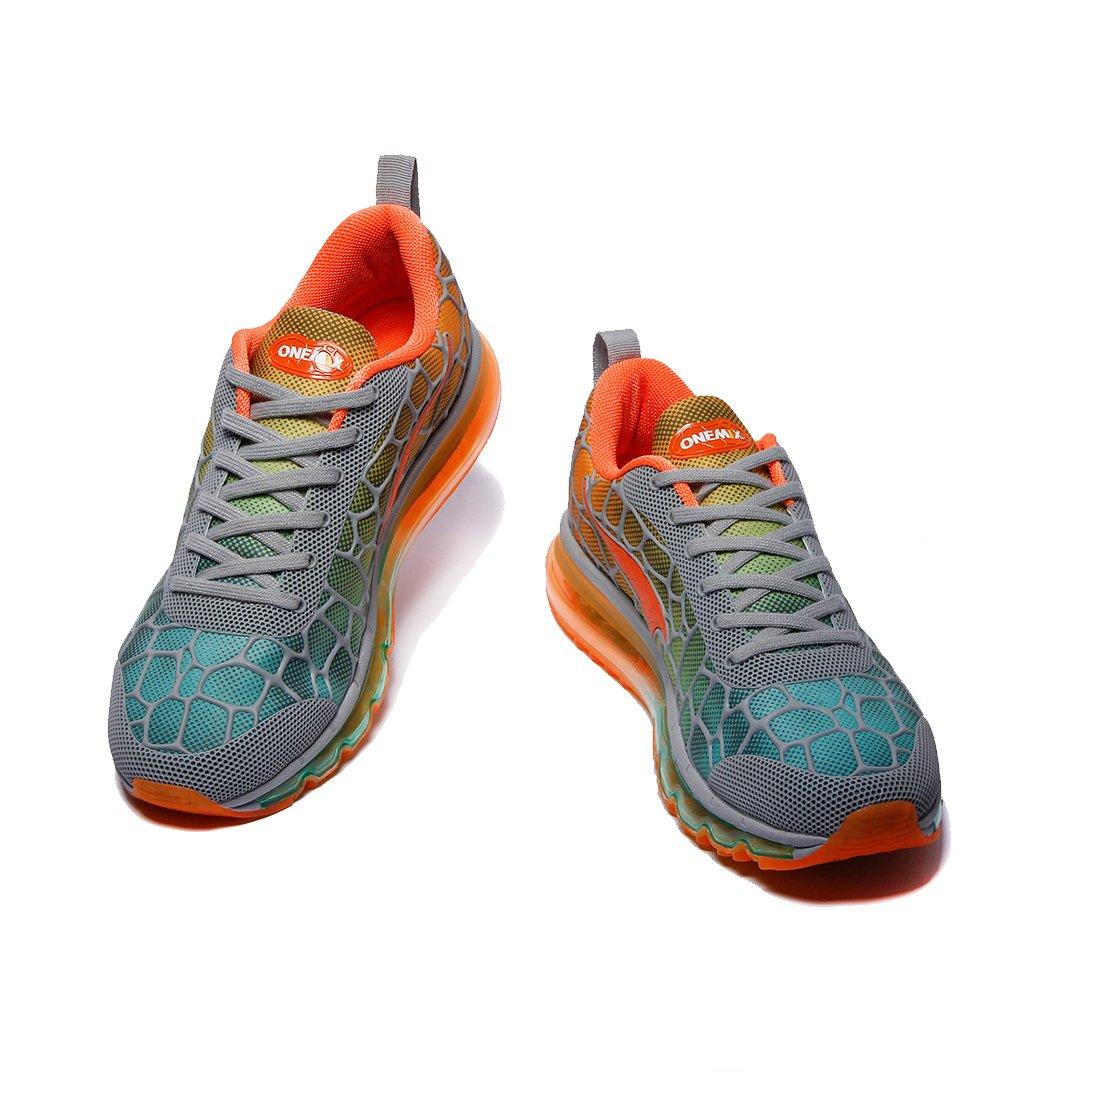 Onemix Schuhe Herren Damen Air Max Laufschuhe Sportschuhe Trainers für für für Männer Gym Sport Athletisch Jogging Fitness Turnschuhe b64f6d